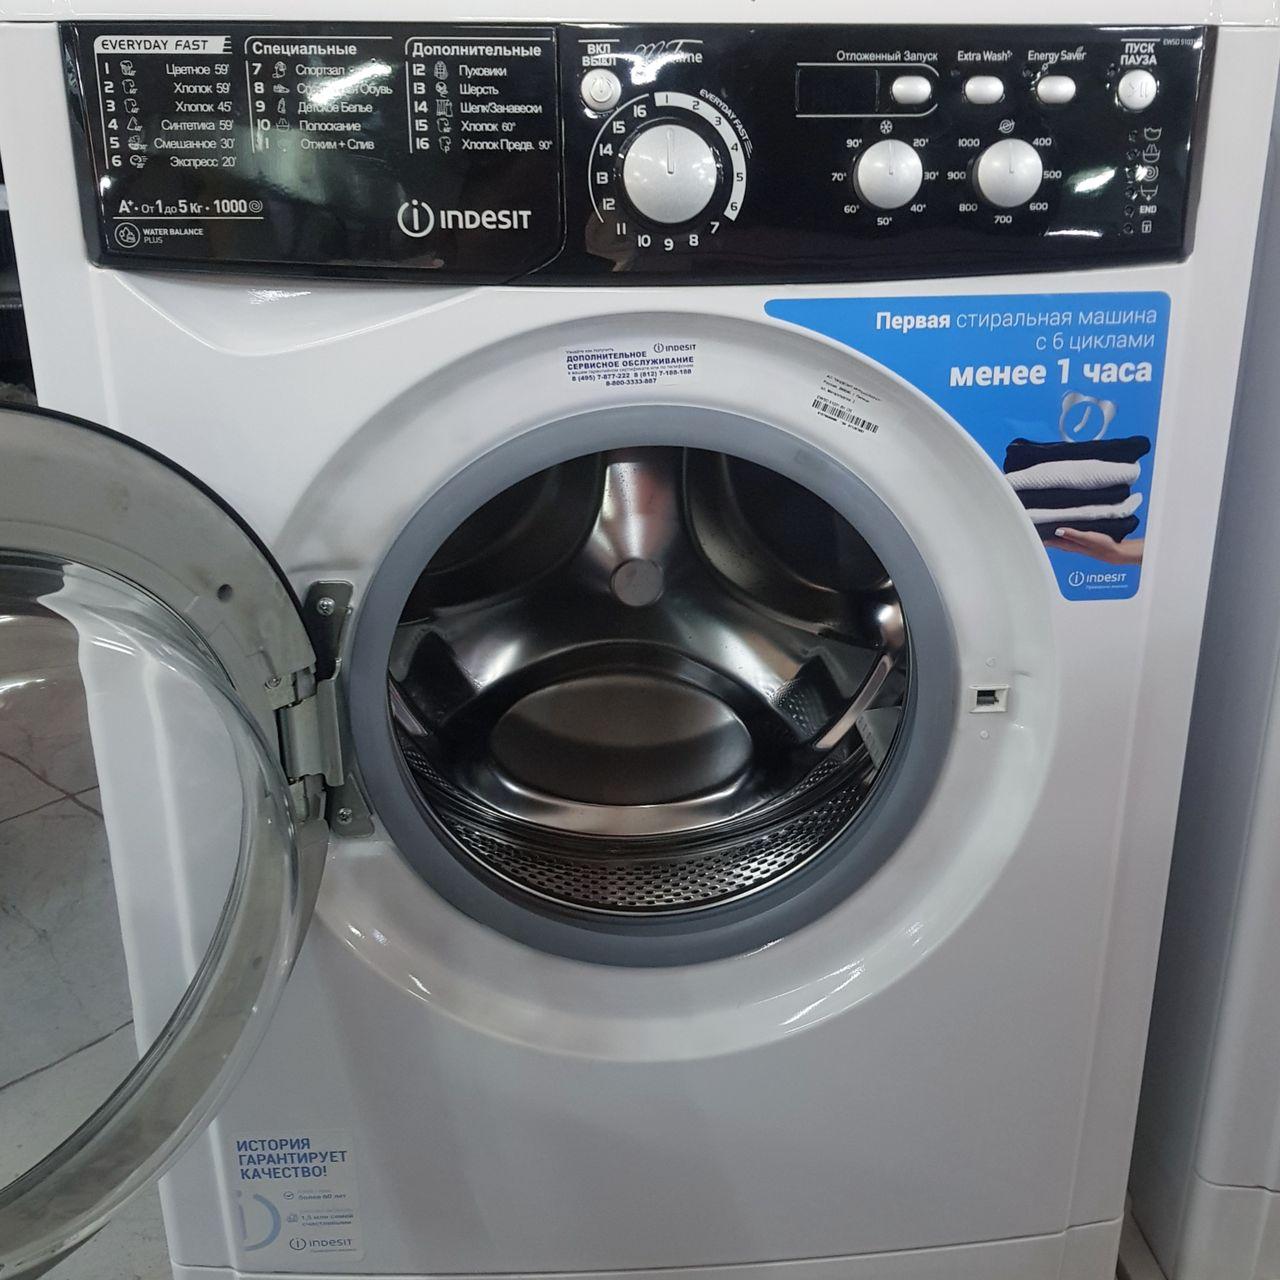 Стиральная машина Indesit EWSD51031BKCIS 5 кг